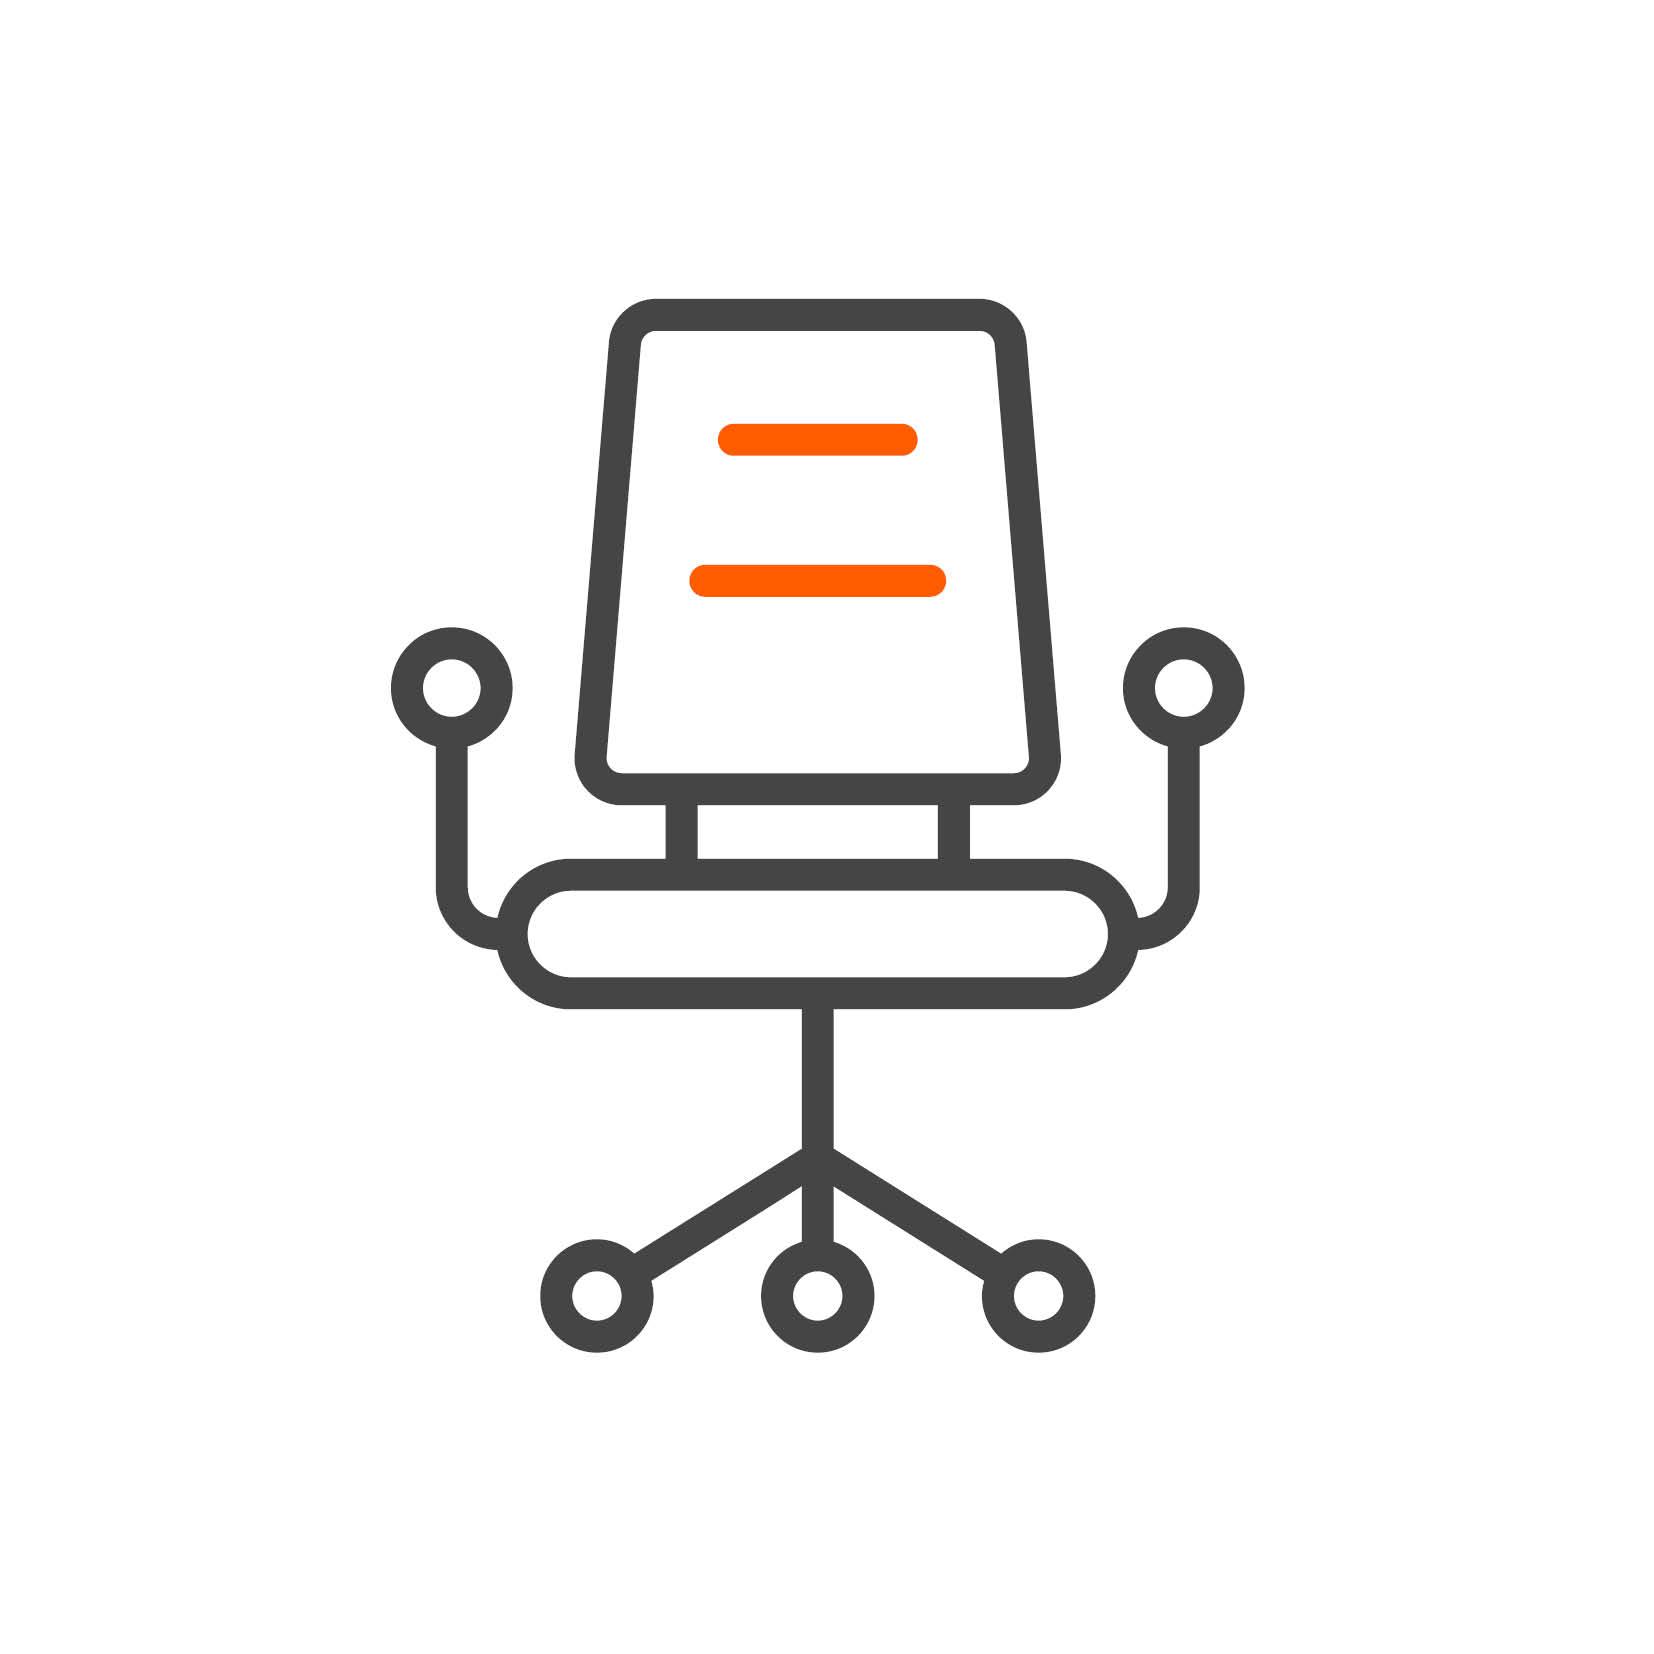 Suelos de Oficinas y otros ámbitos similares